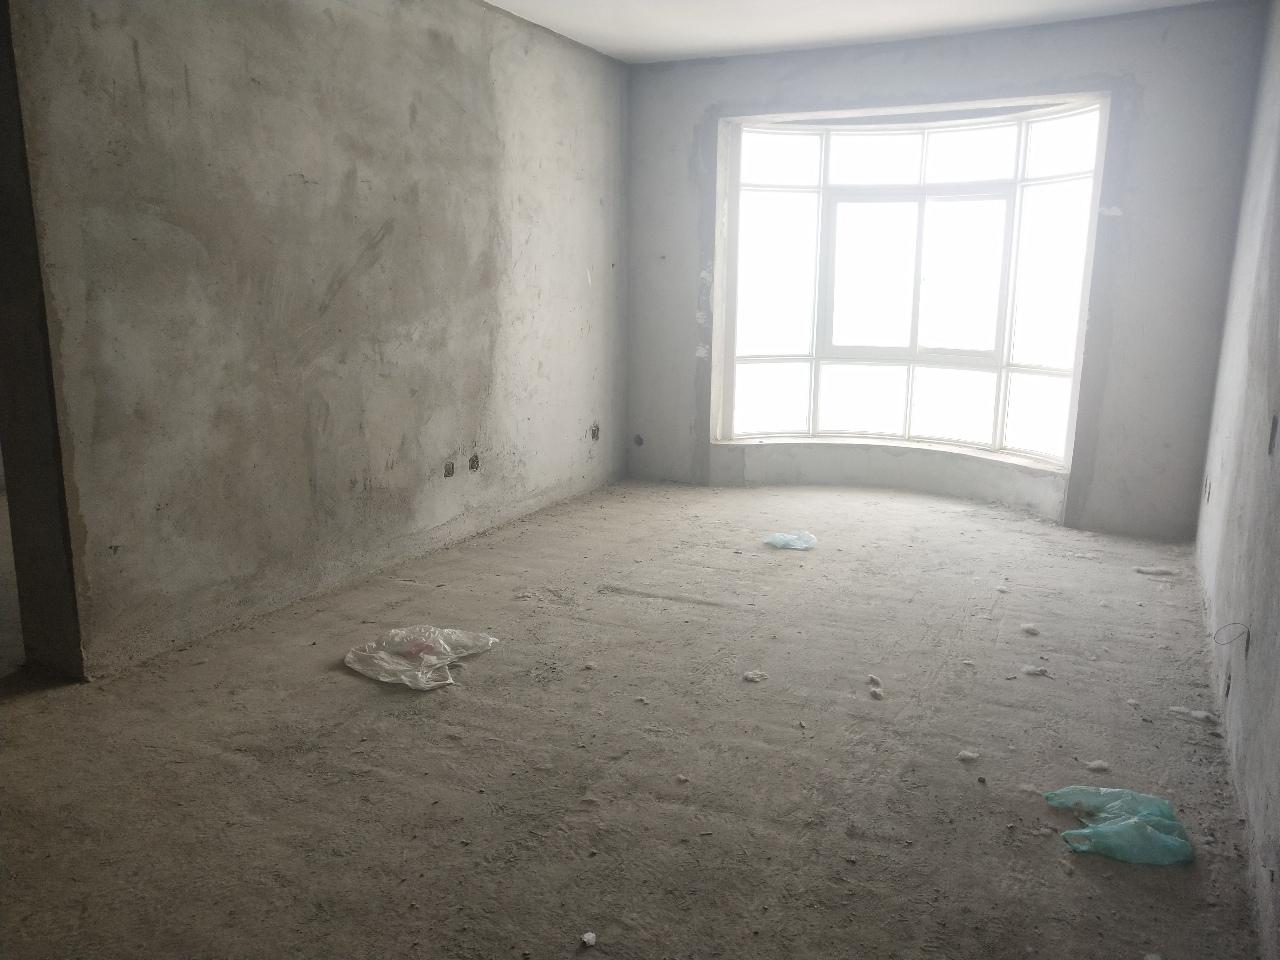 華興家園2室2廳1衛按揭首付25萬